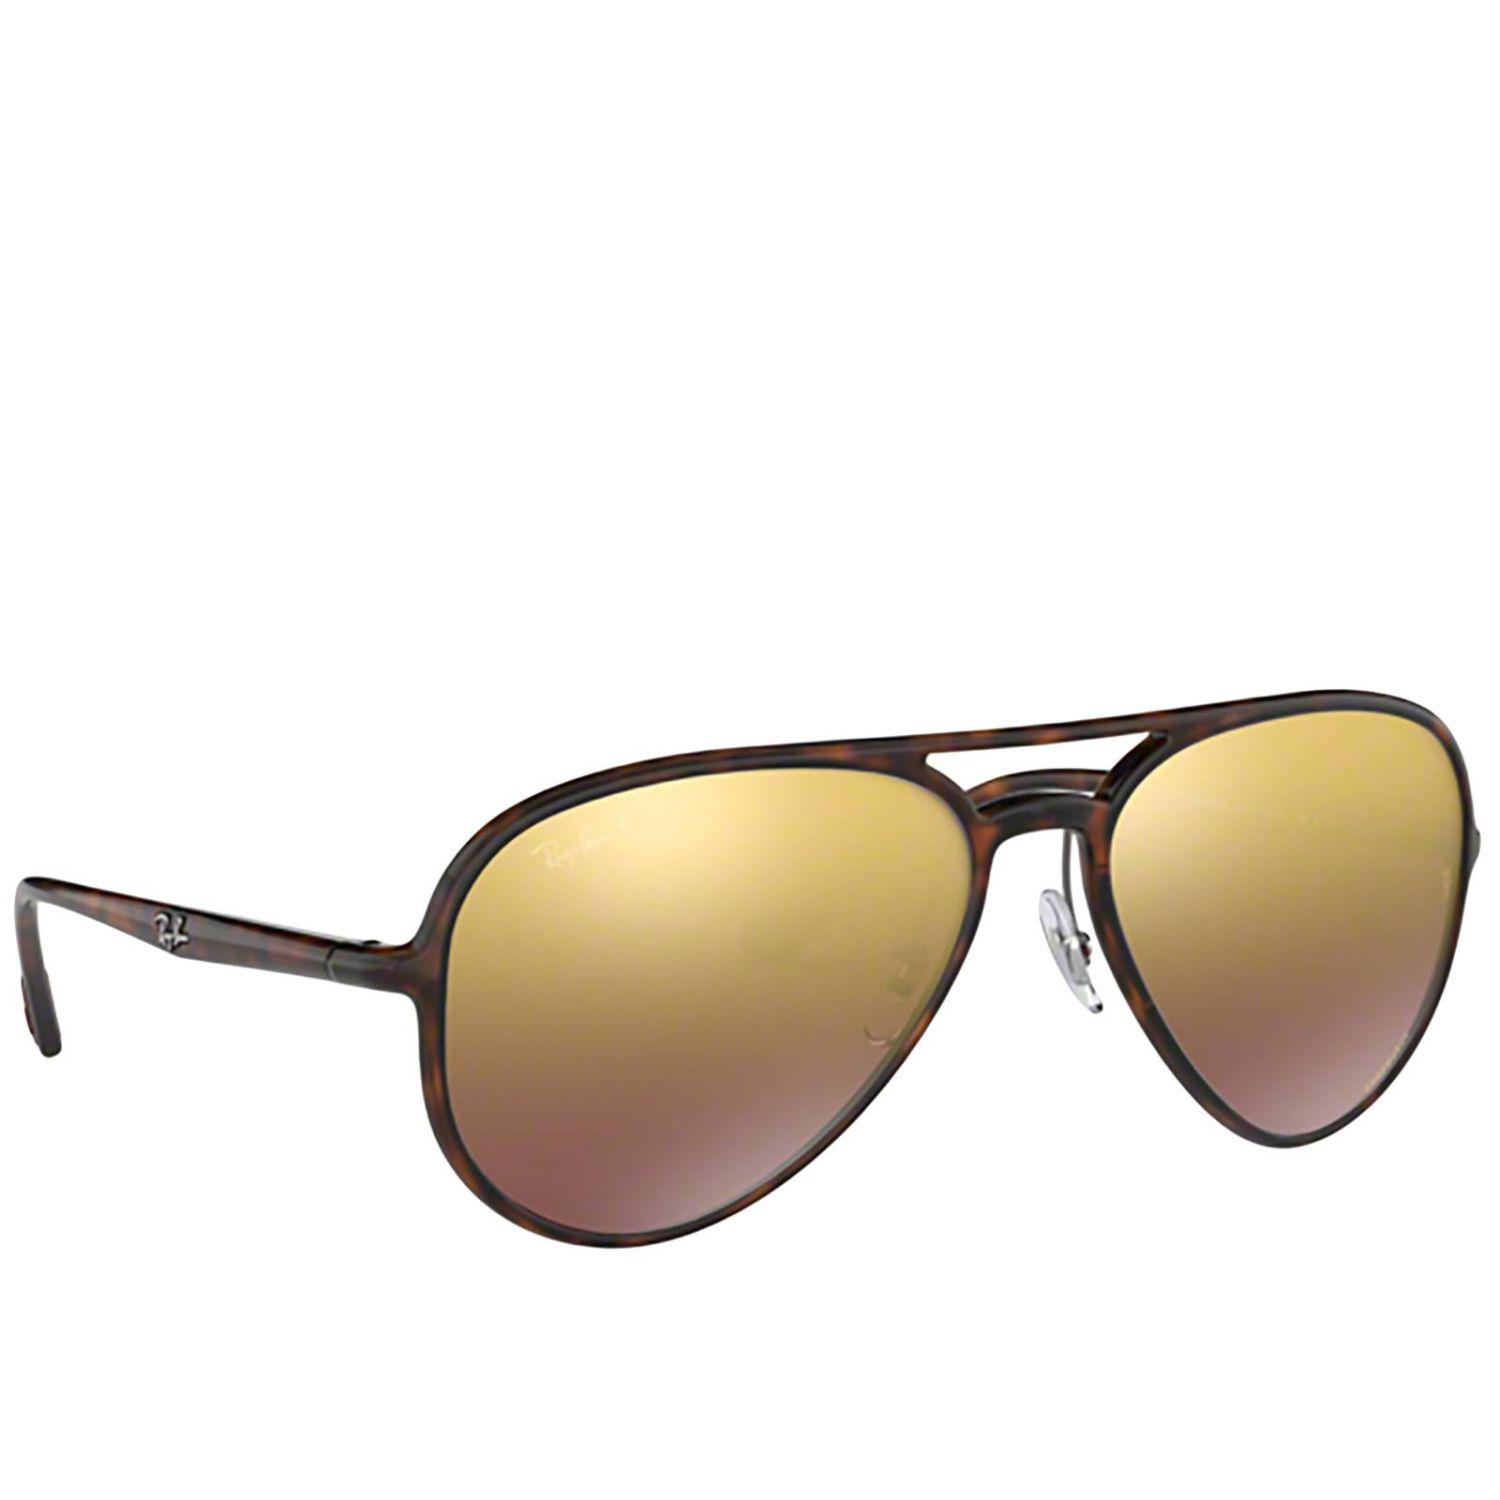 Glasses men Ray-ban brown 1